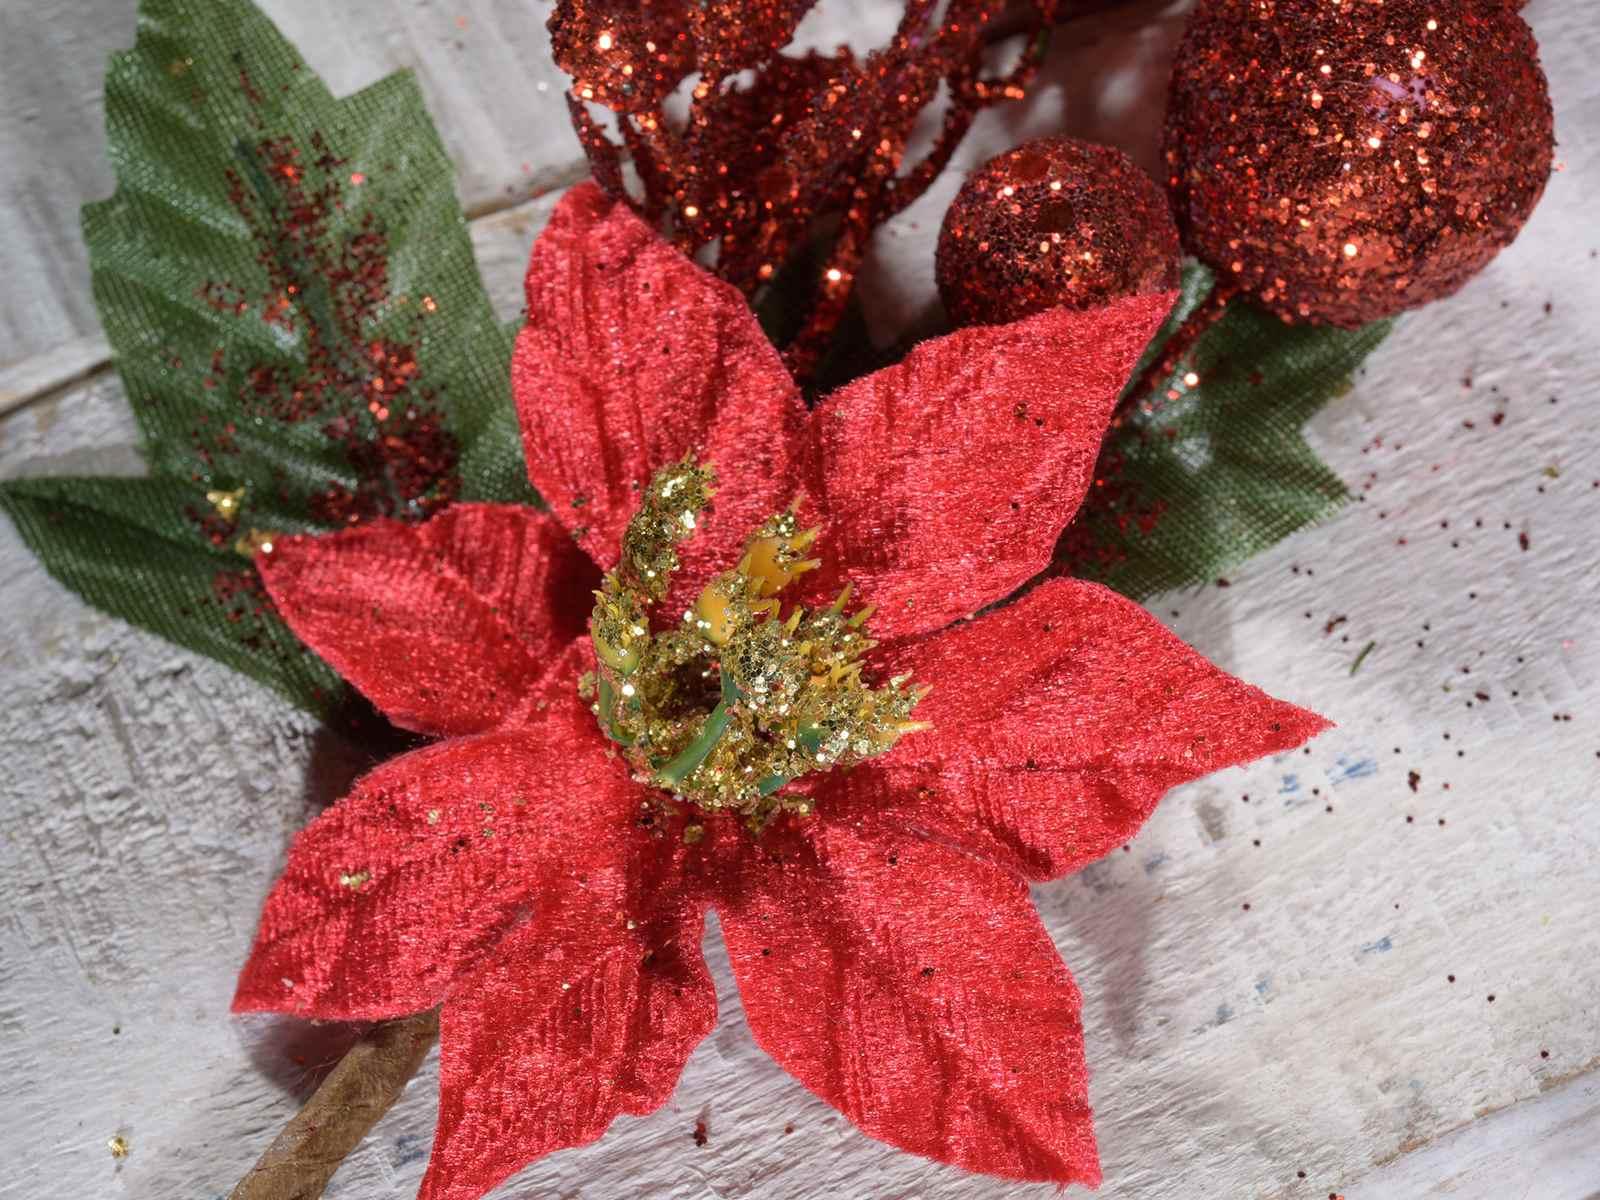 Stella Di Natale In Stoffa.Stella Di Natale Rossa In Stoffa Con Glitter E Decori 56 25 06